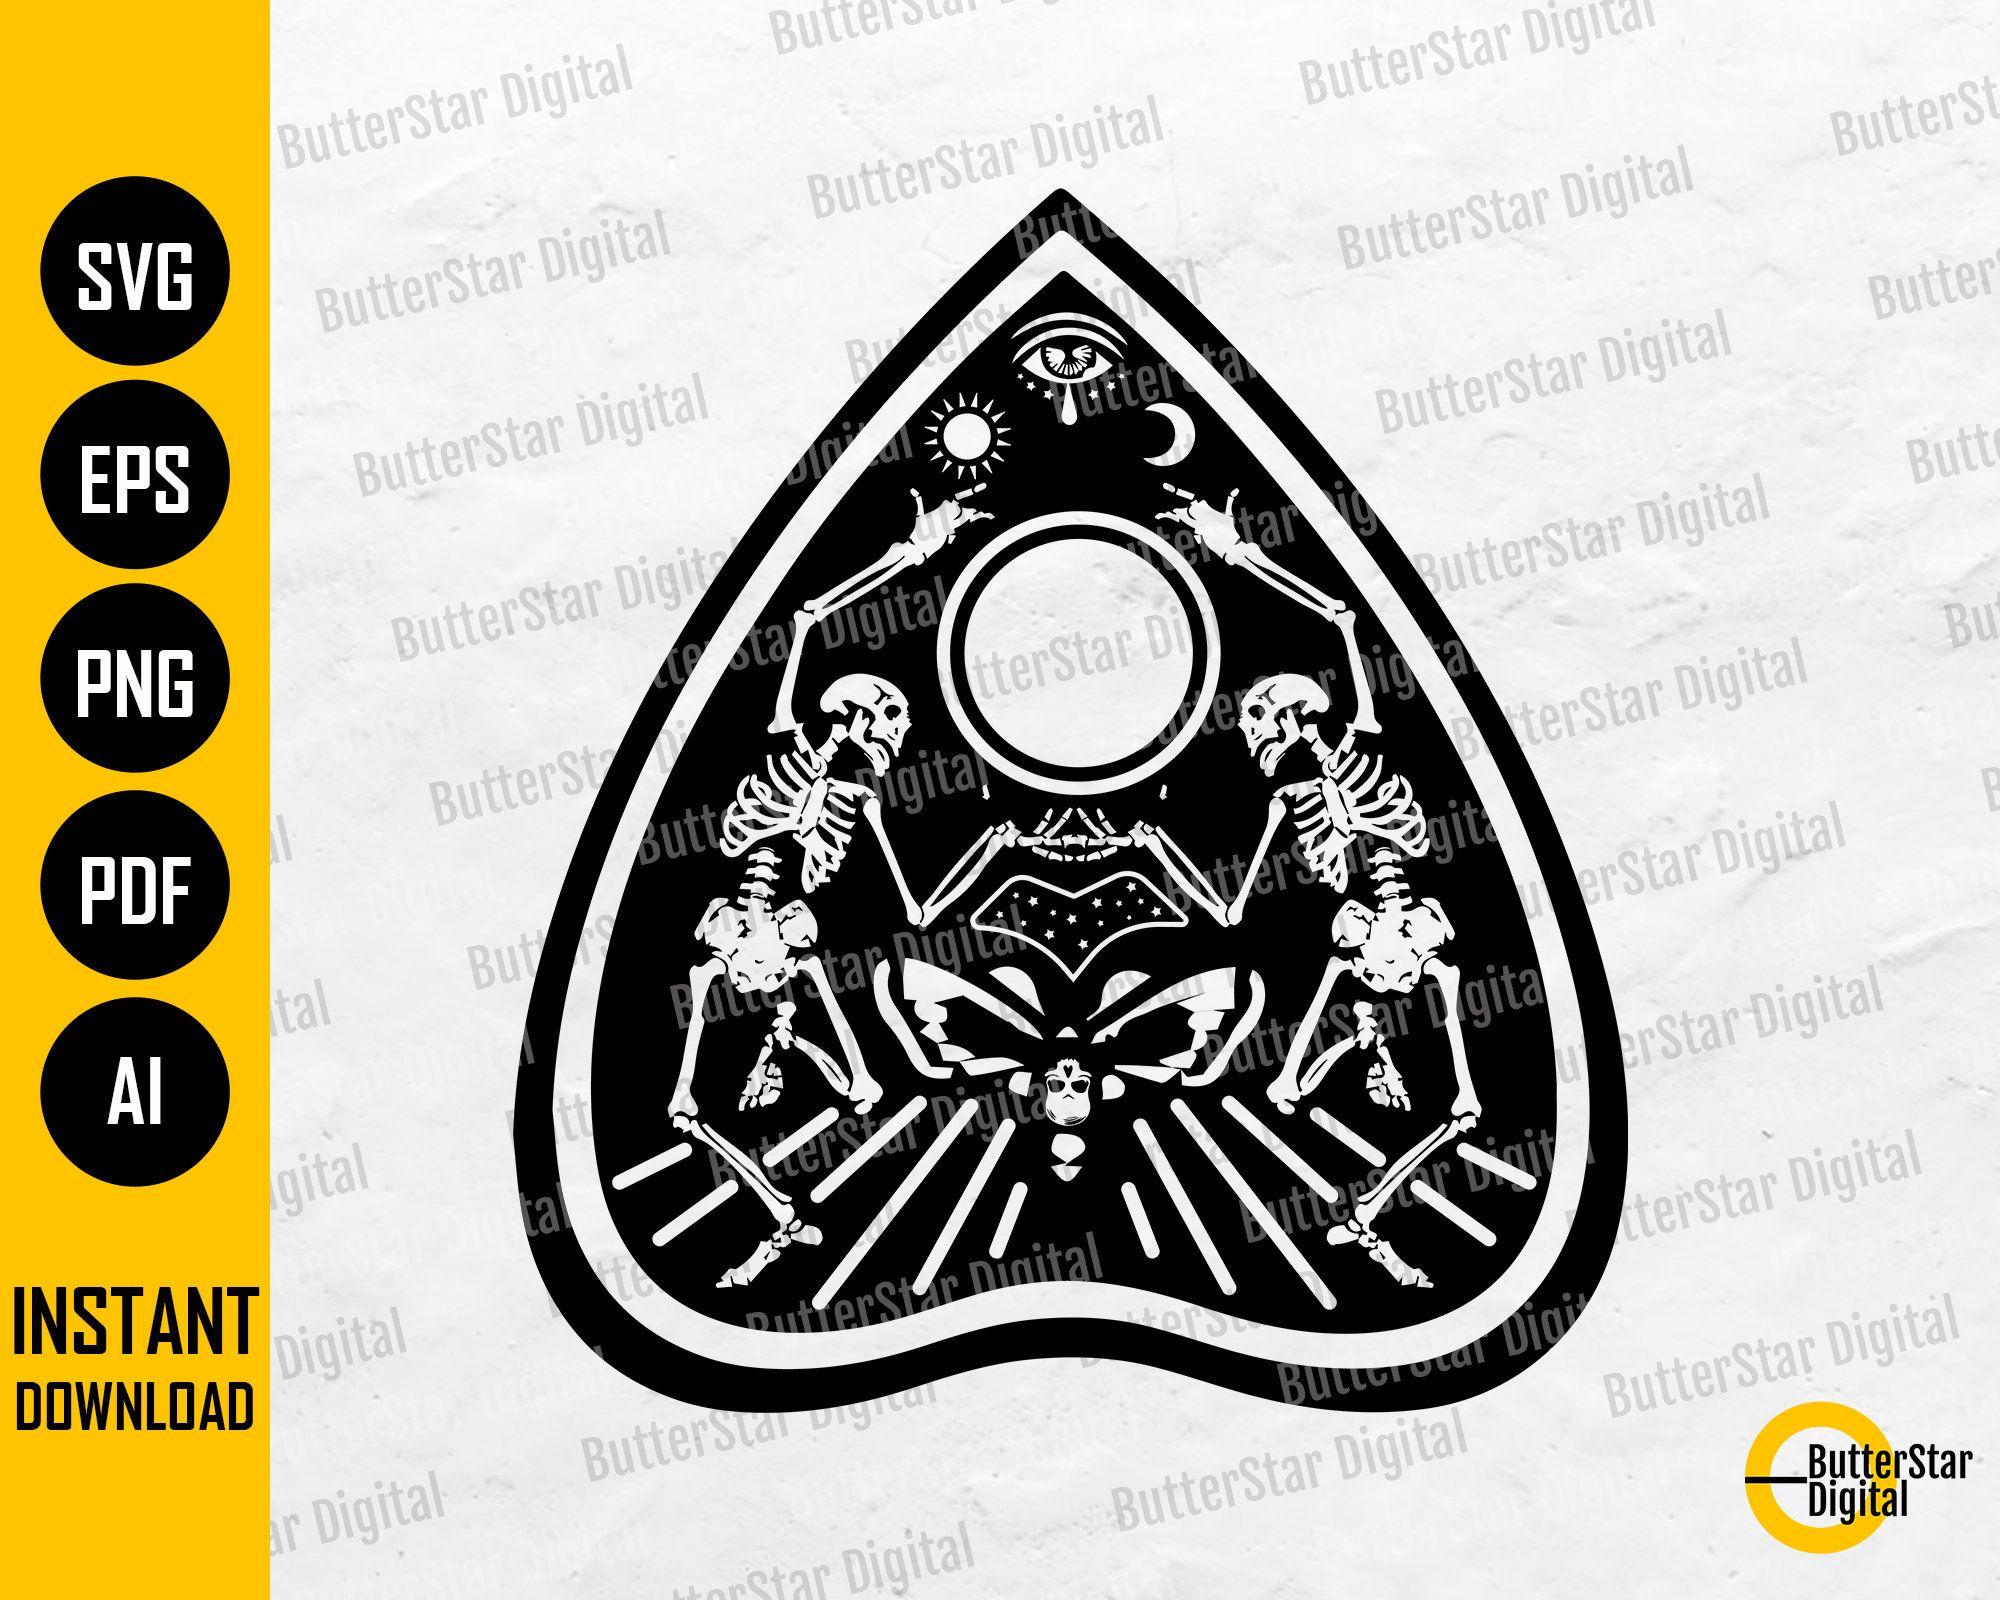 Ouija Planchette Svg Ouija Spirit Board Game Cricut Etsy In 2021 Ouija Spirit Board Planchette